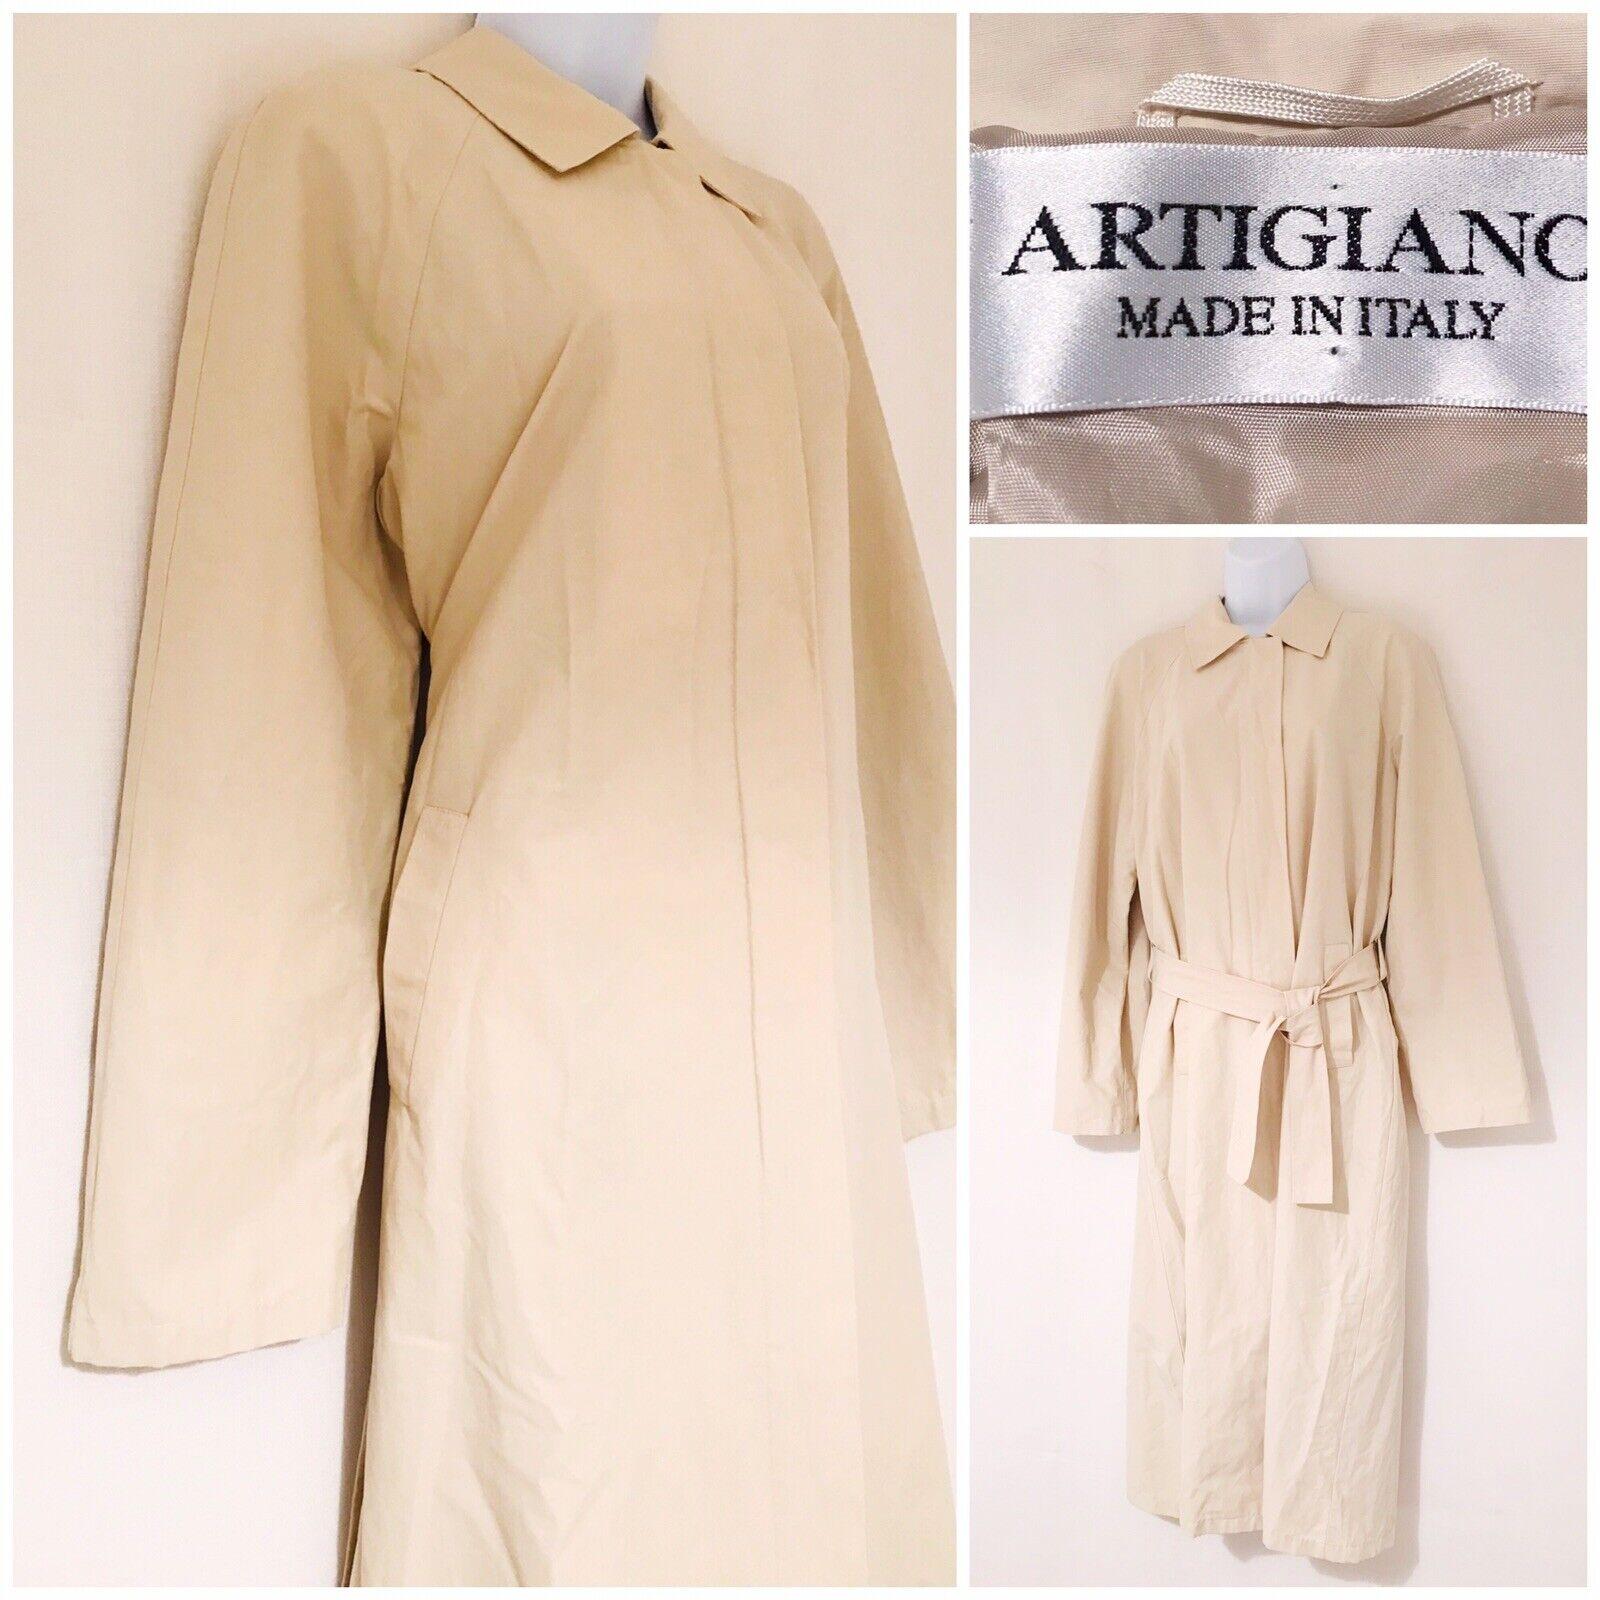 damen's Designer Trench Coat Mac Größe 14 Light Weight Summer Artigiano Cotton